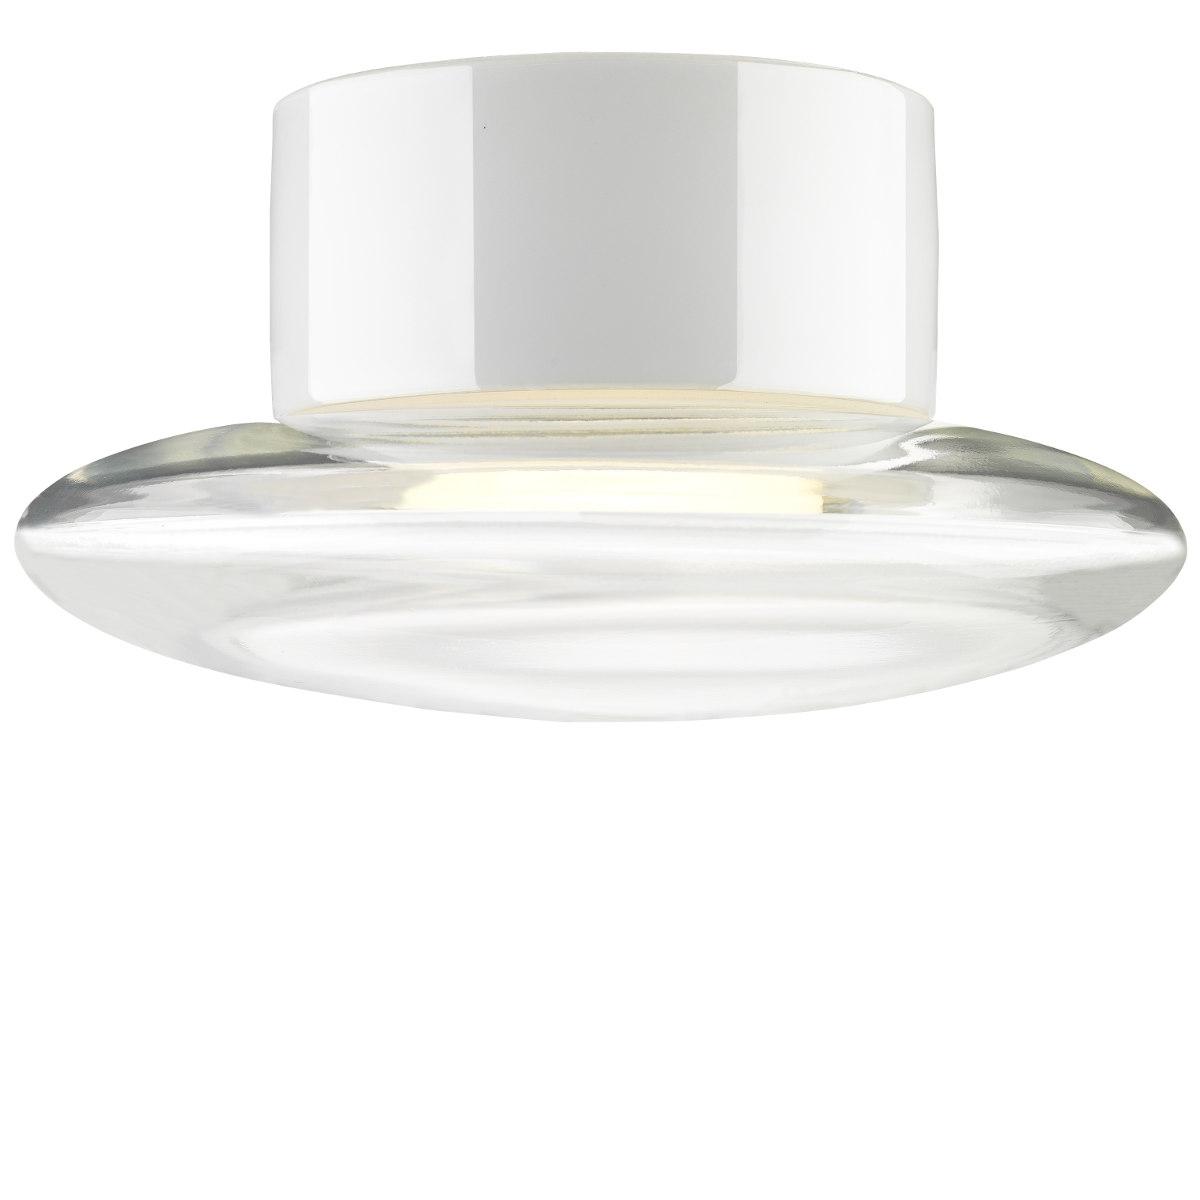 moderne badlampe mit glasschirm  einer keramikhalterung